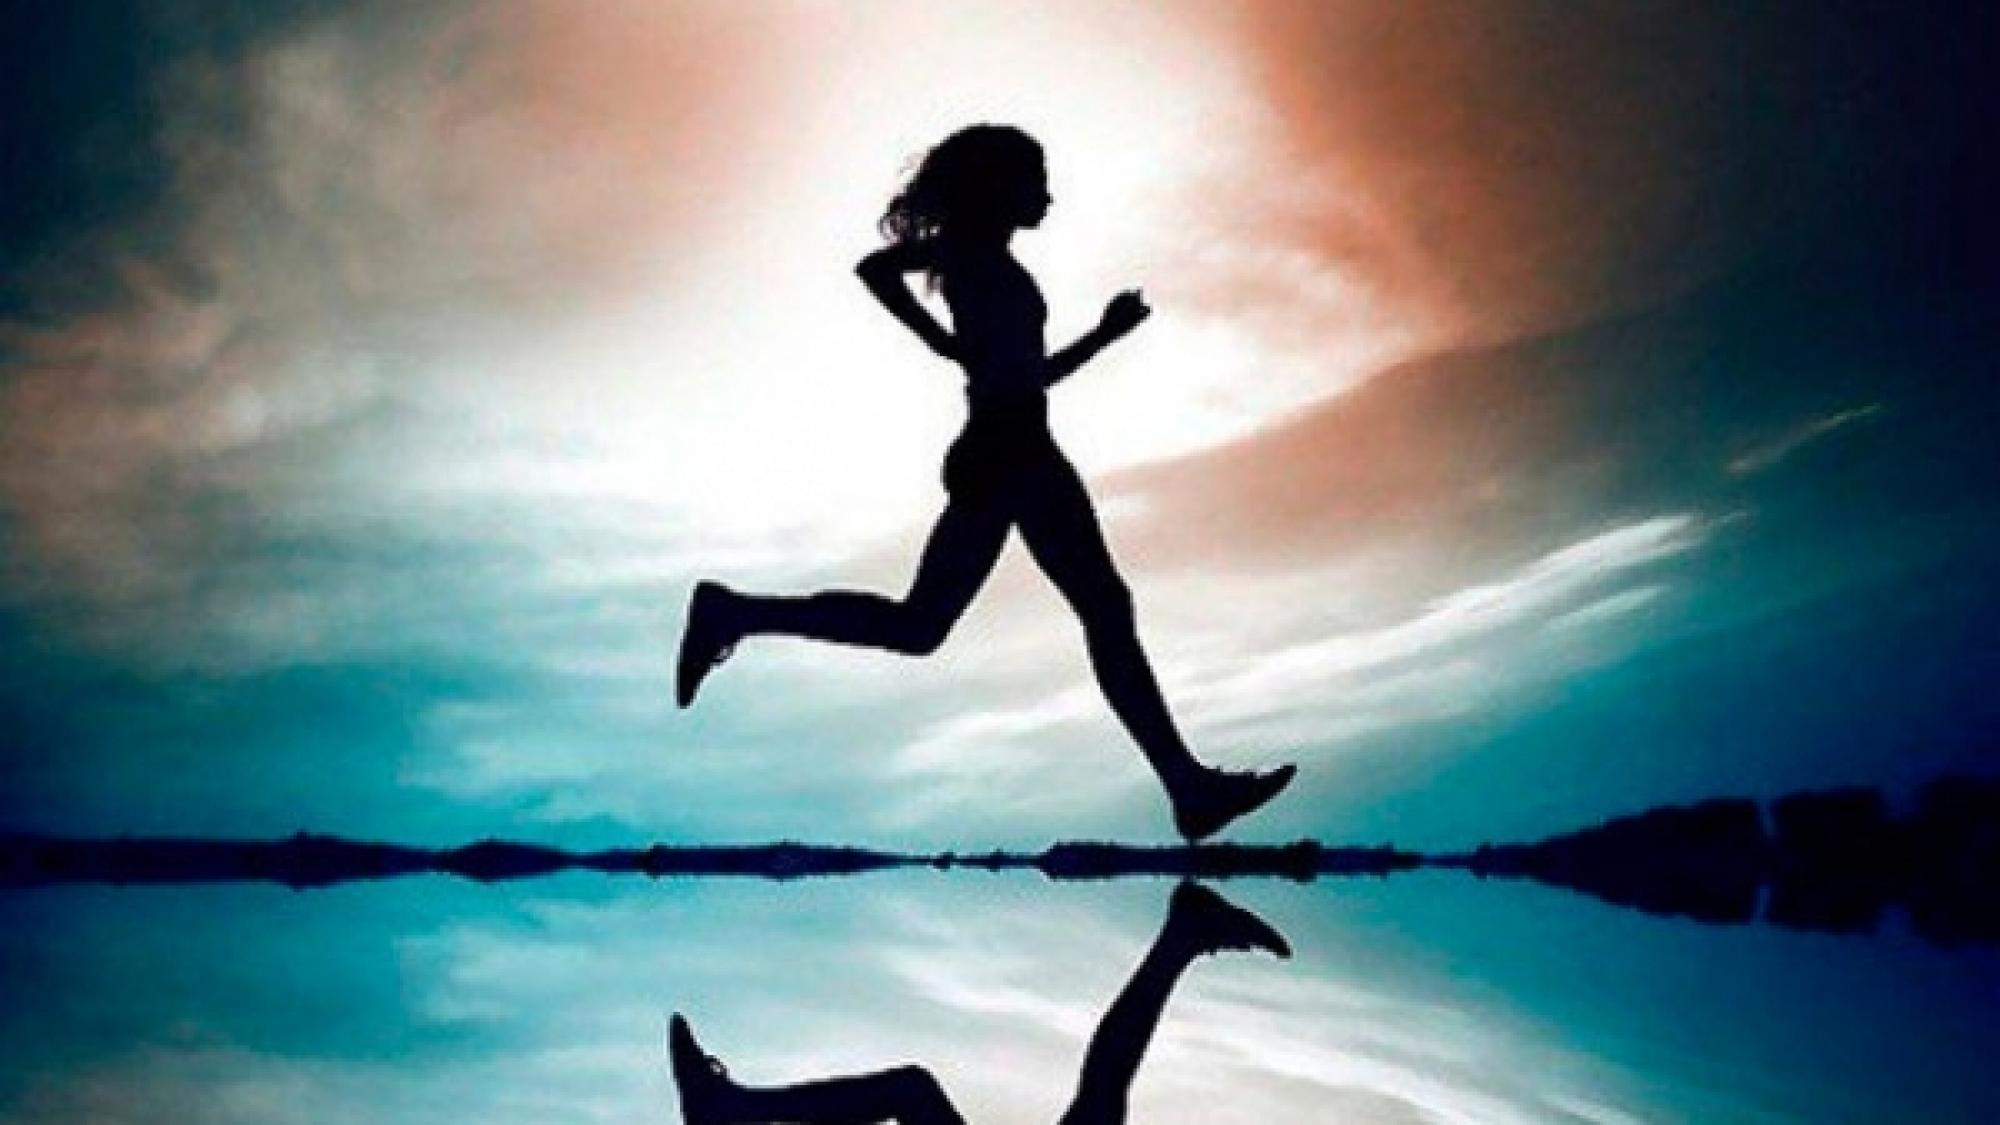 Beneficios psicológicos en la práctica del deporte